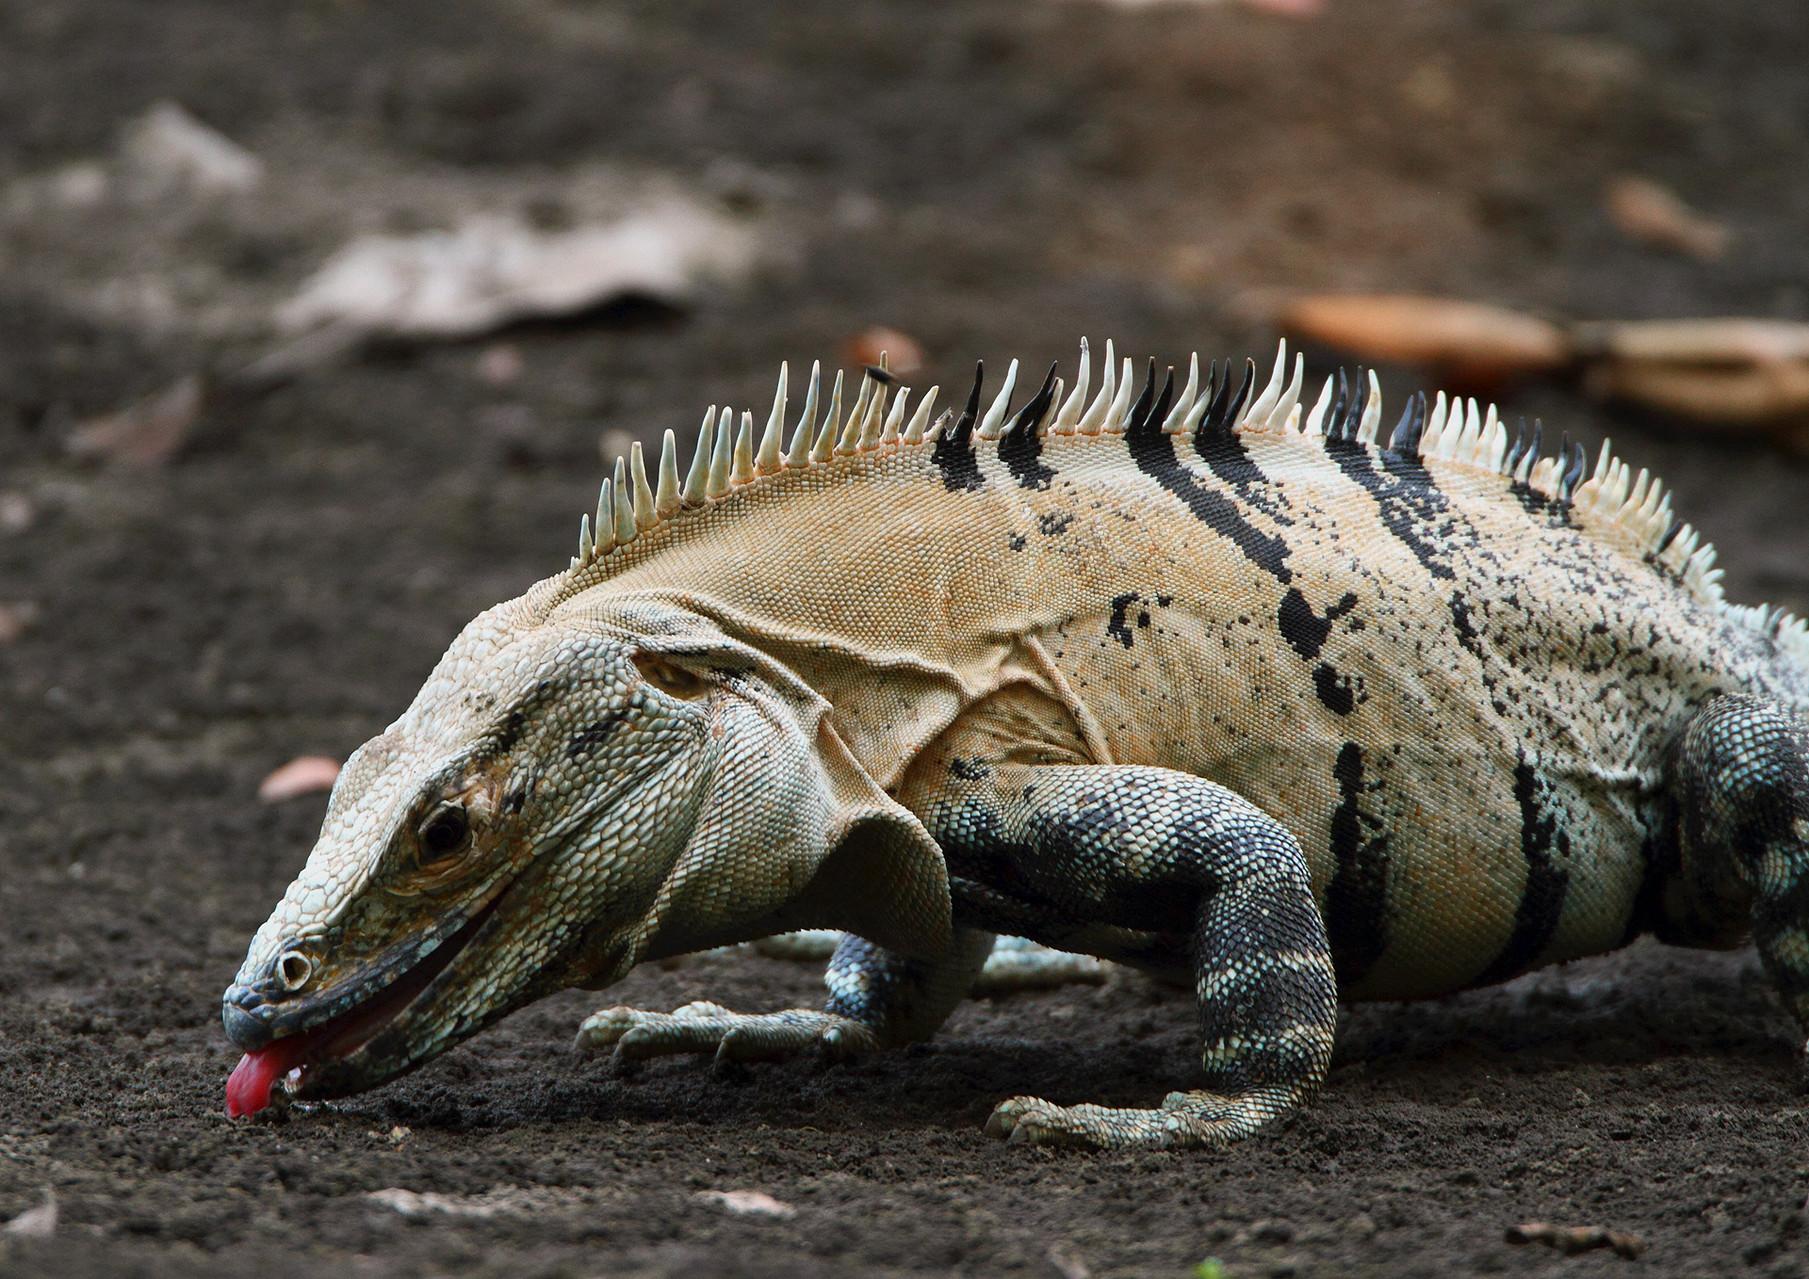 ...Leguane...